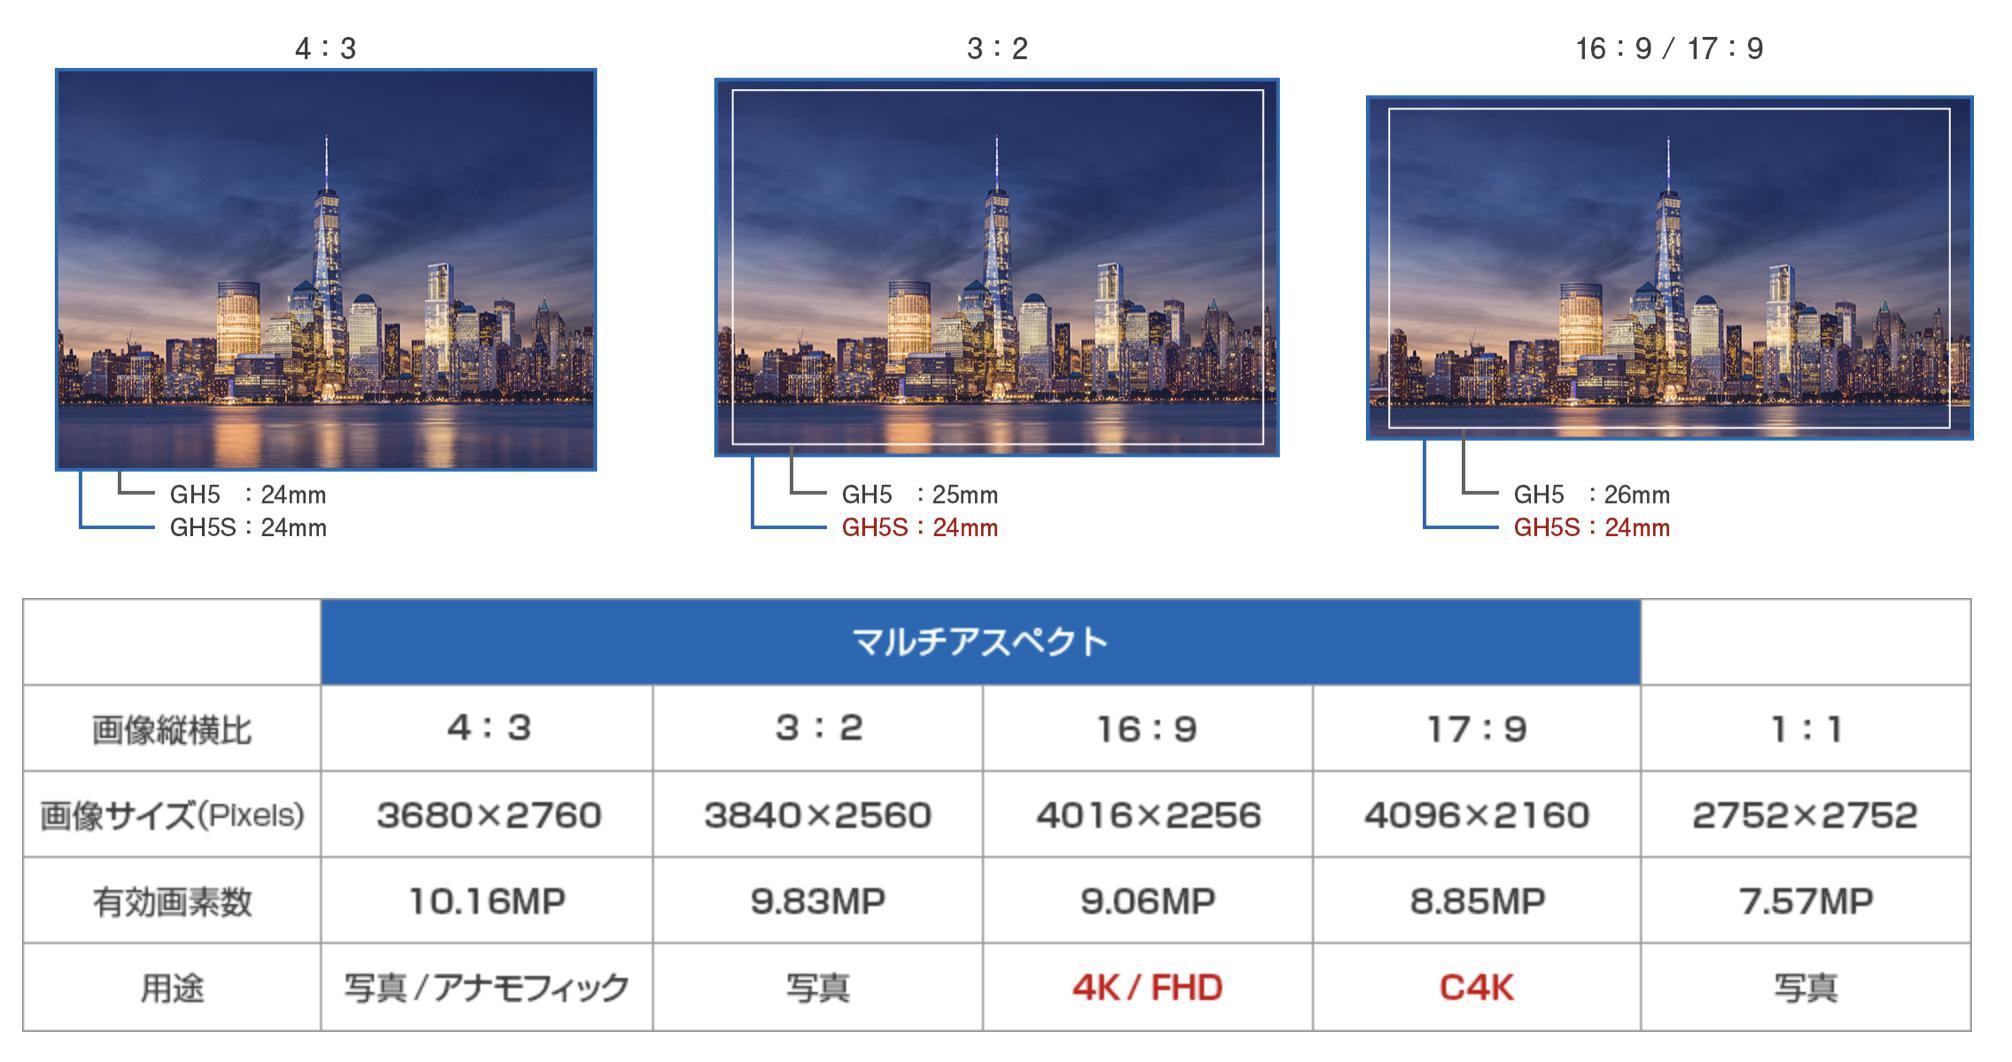 81e7b87de4bf76baf7b4d518352c88c5 - GH5SとGH5のスペックを比較してみました